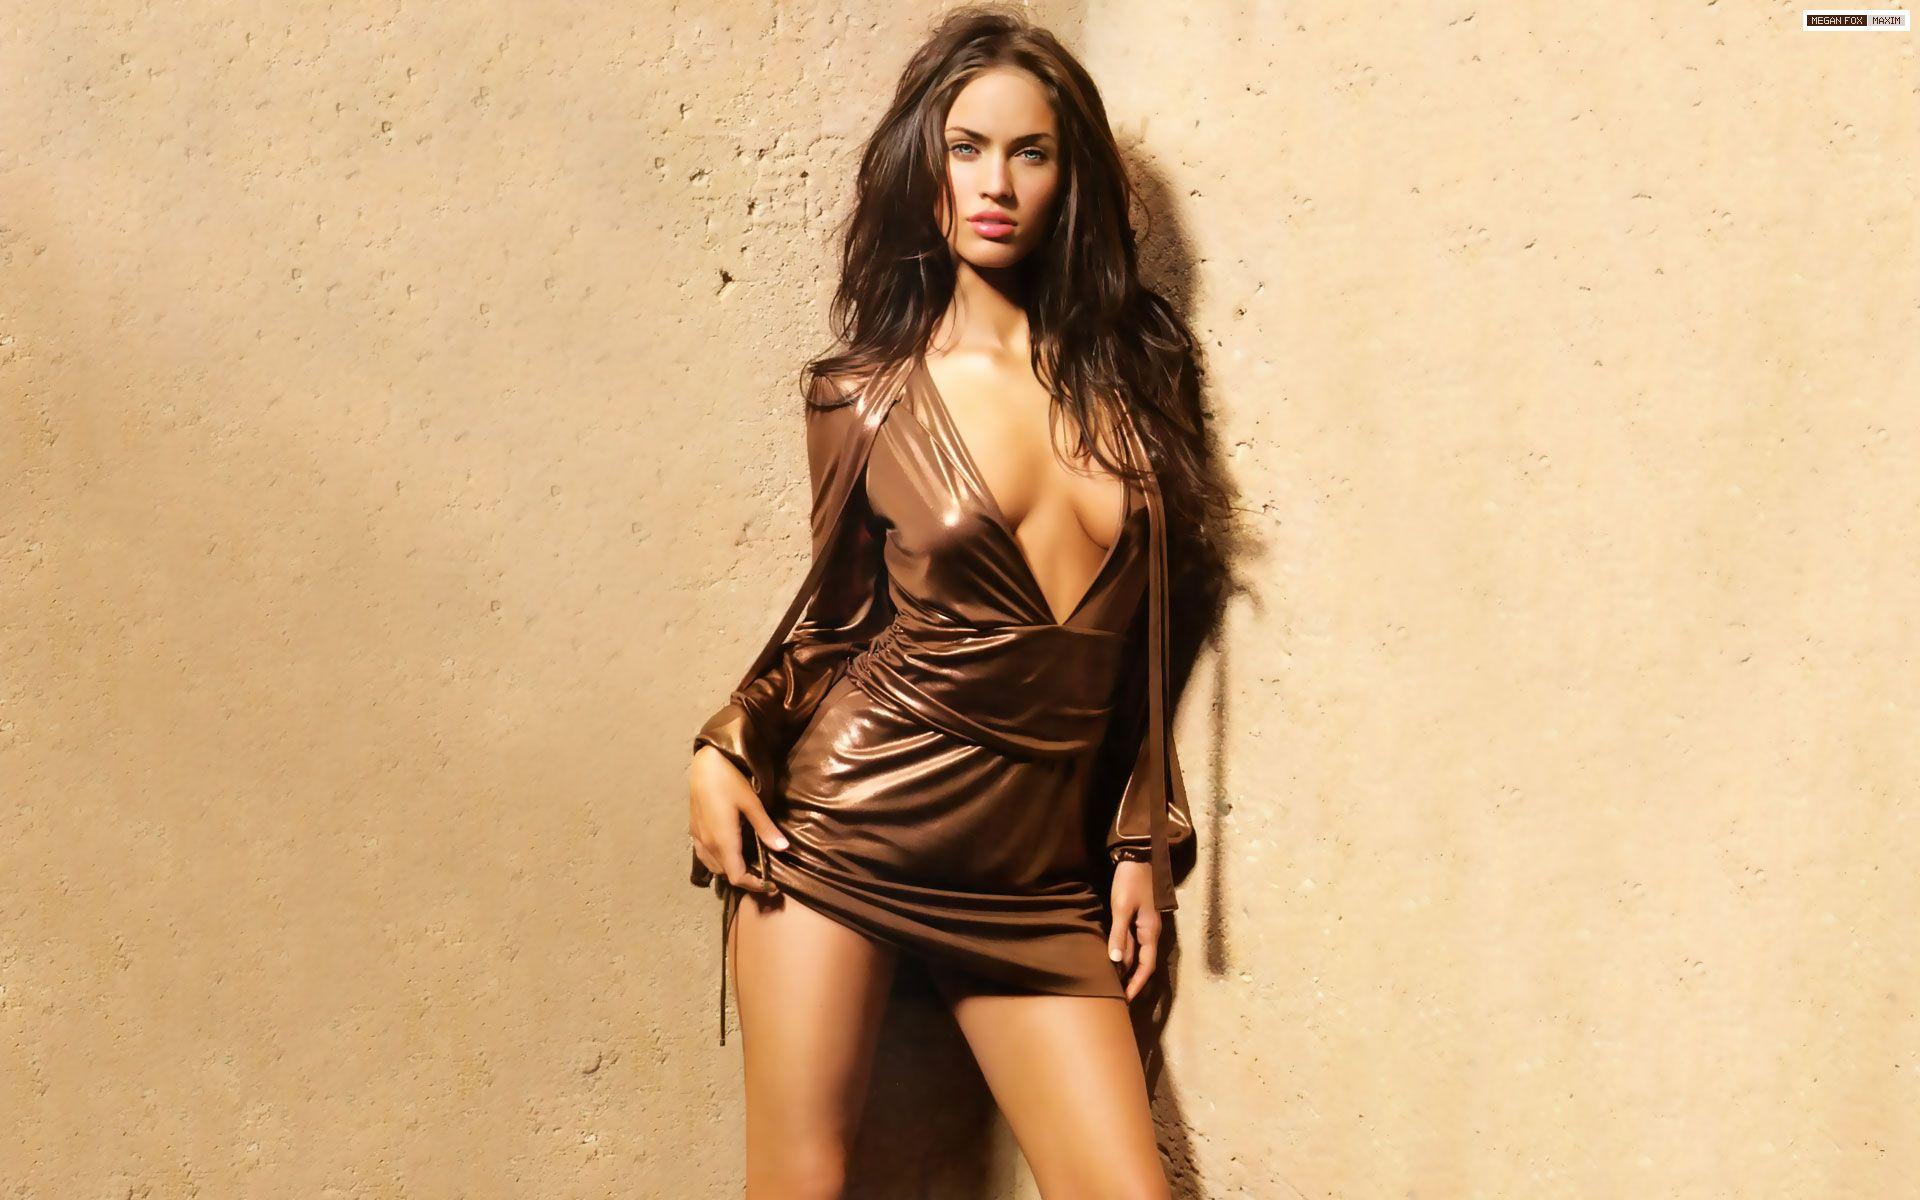 Megan Fox Hot 1920x1200